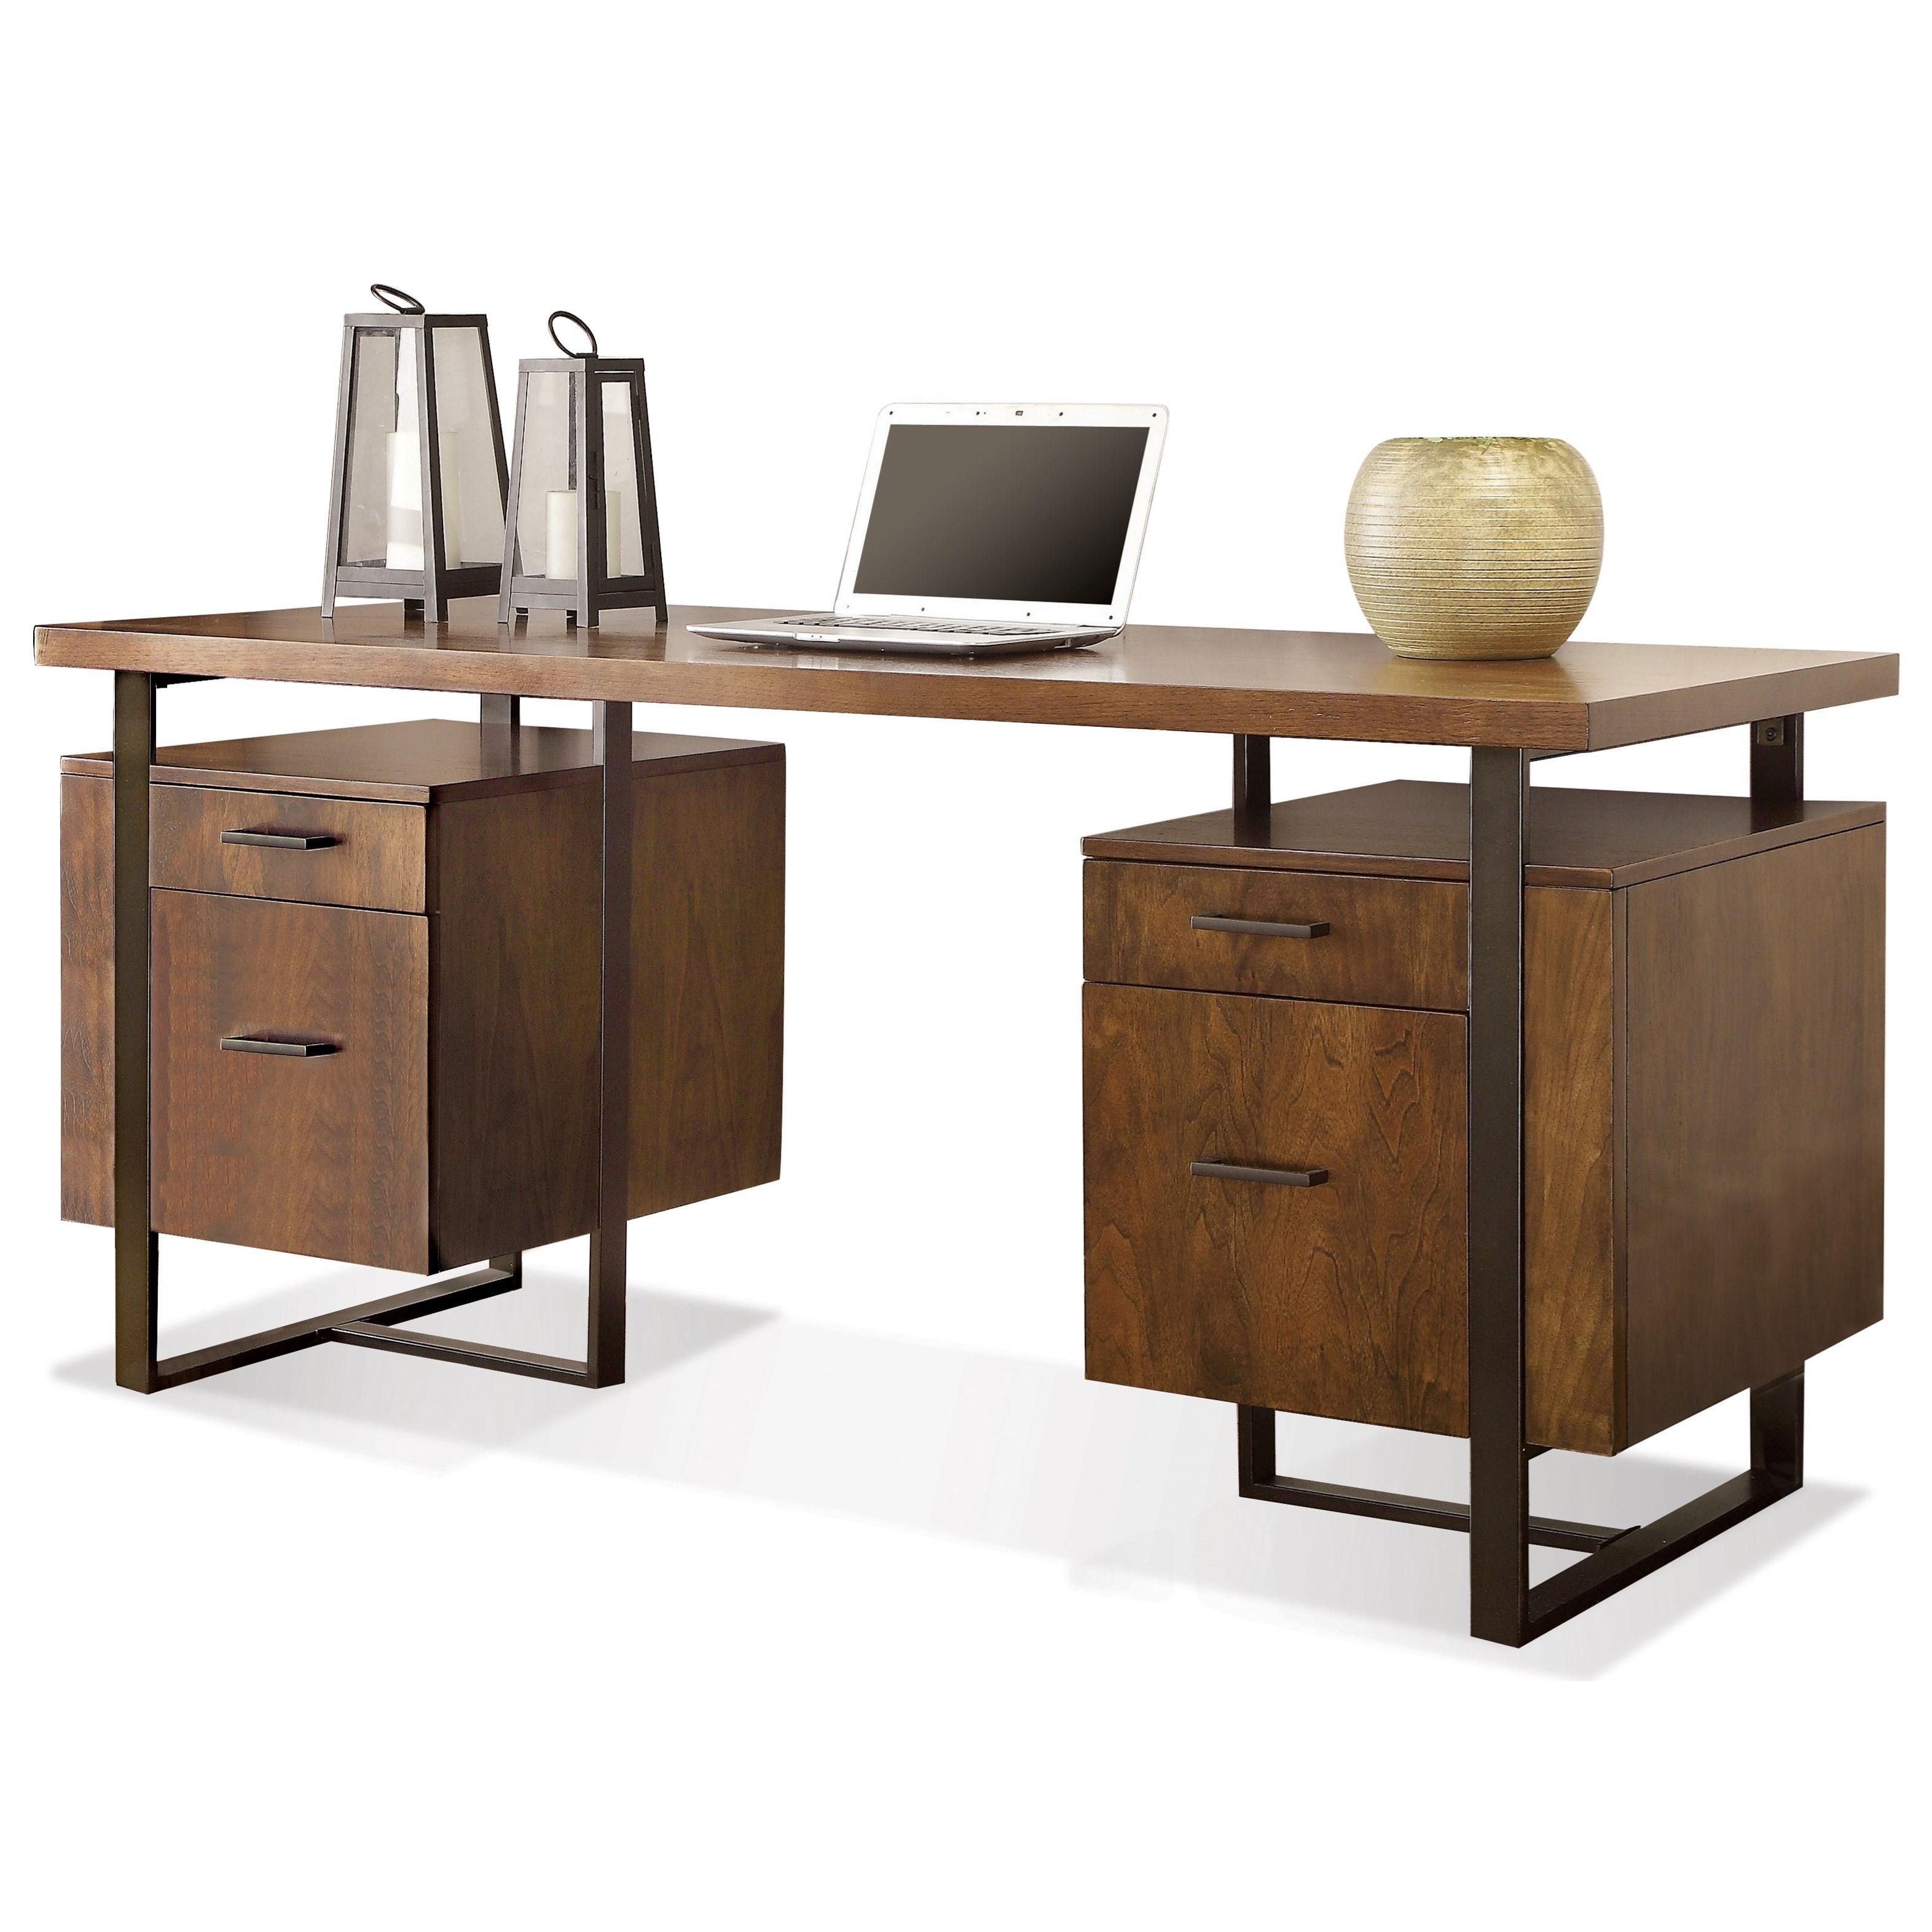 Merveilleux Dunk U0026 Bright Furniture